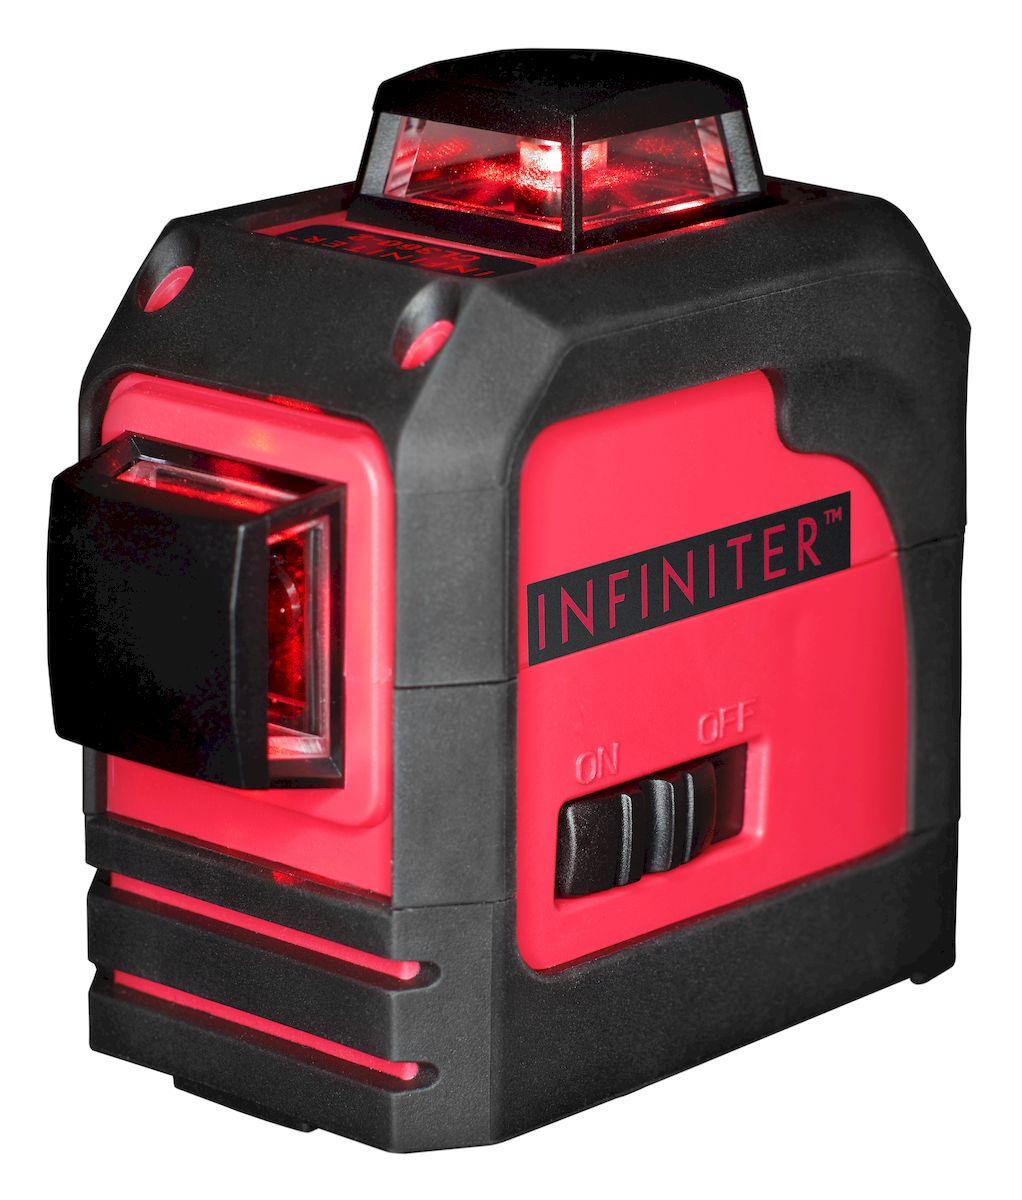 Лазерный нивелир Infiniter CL 360-21-2-066Функция 360 градусов. Горизонтально и вертикально.